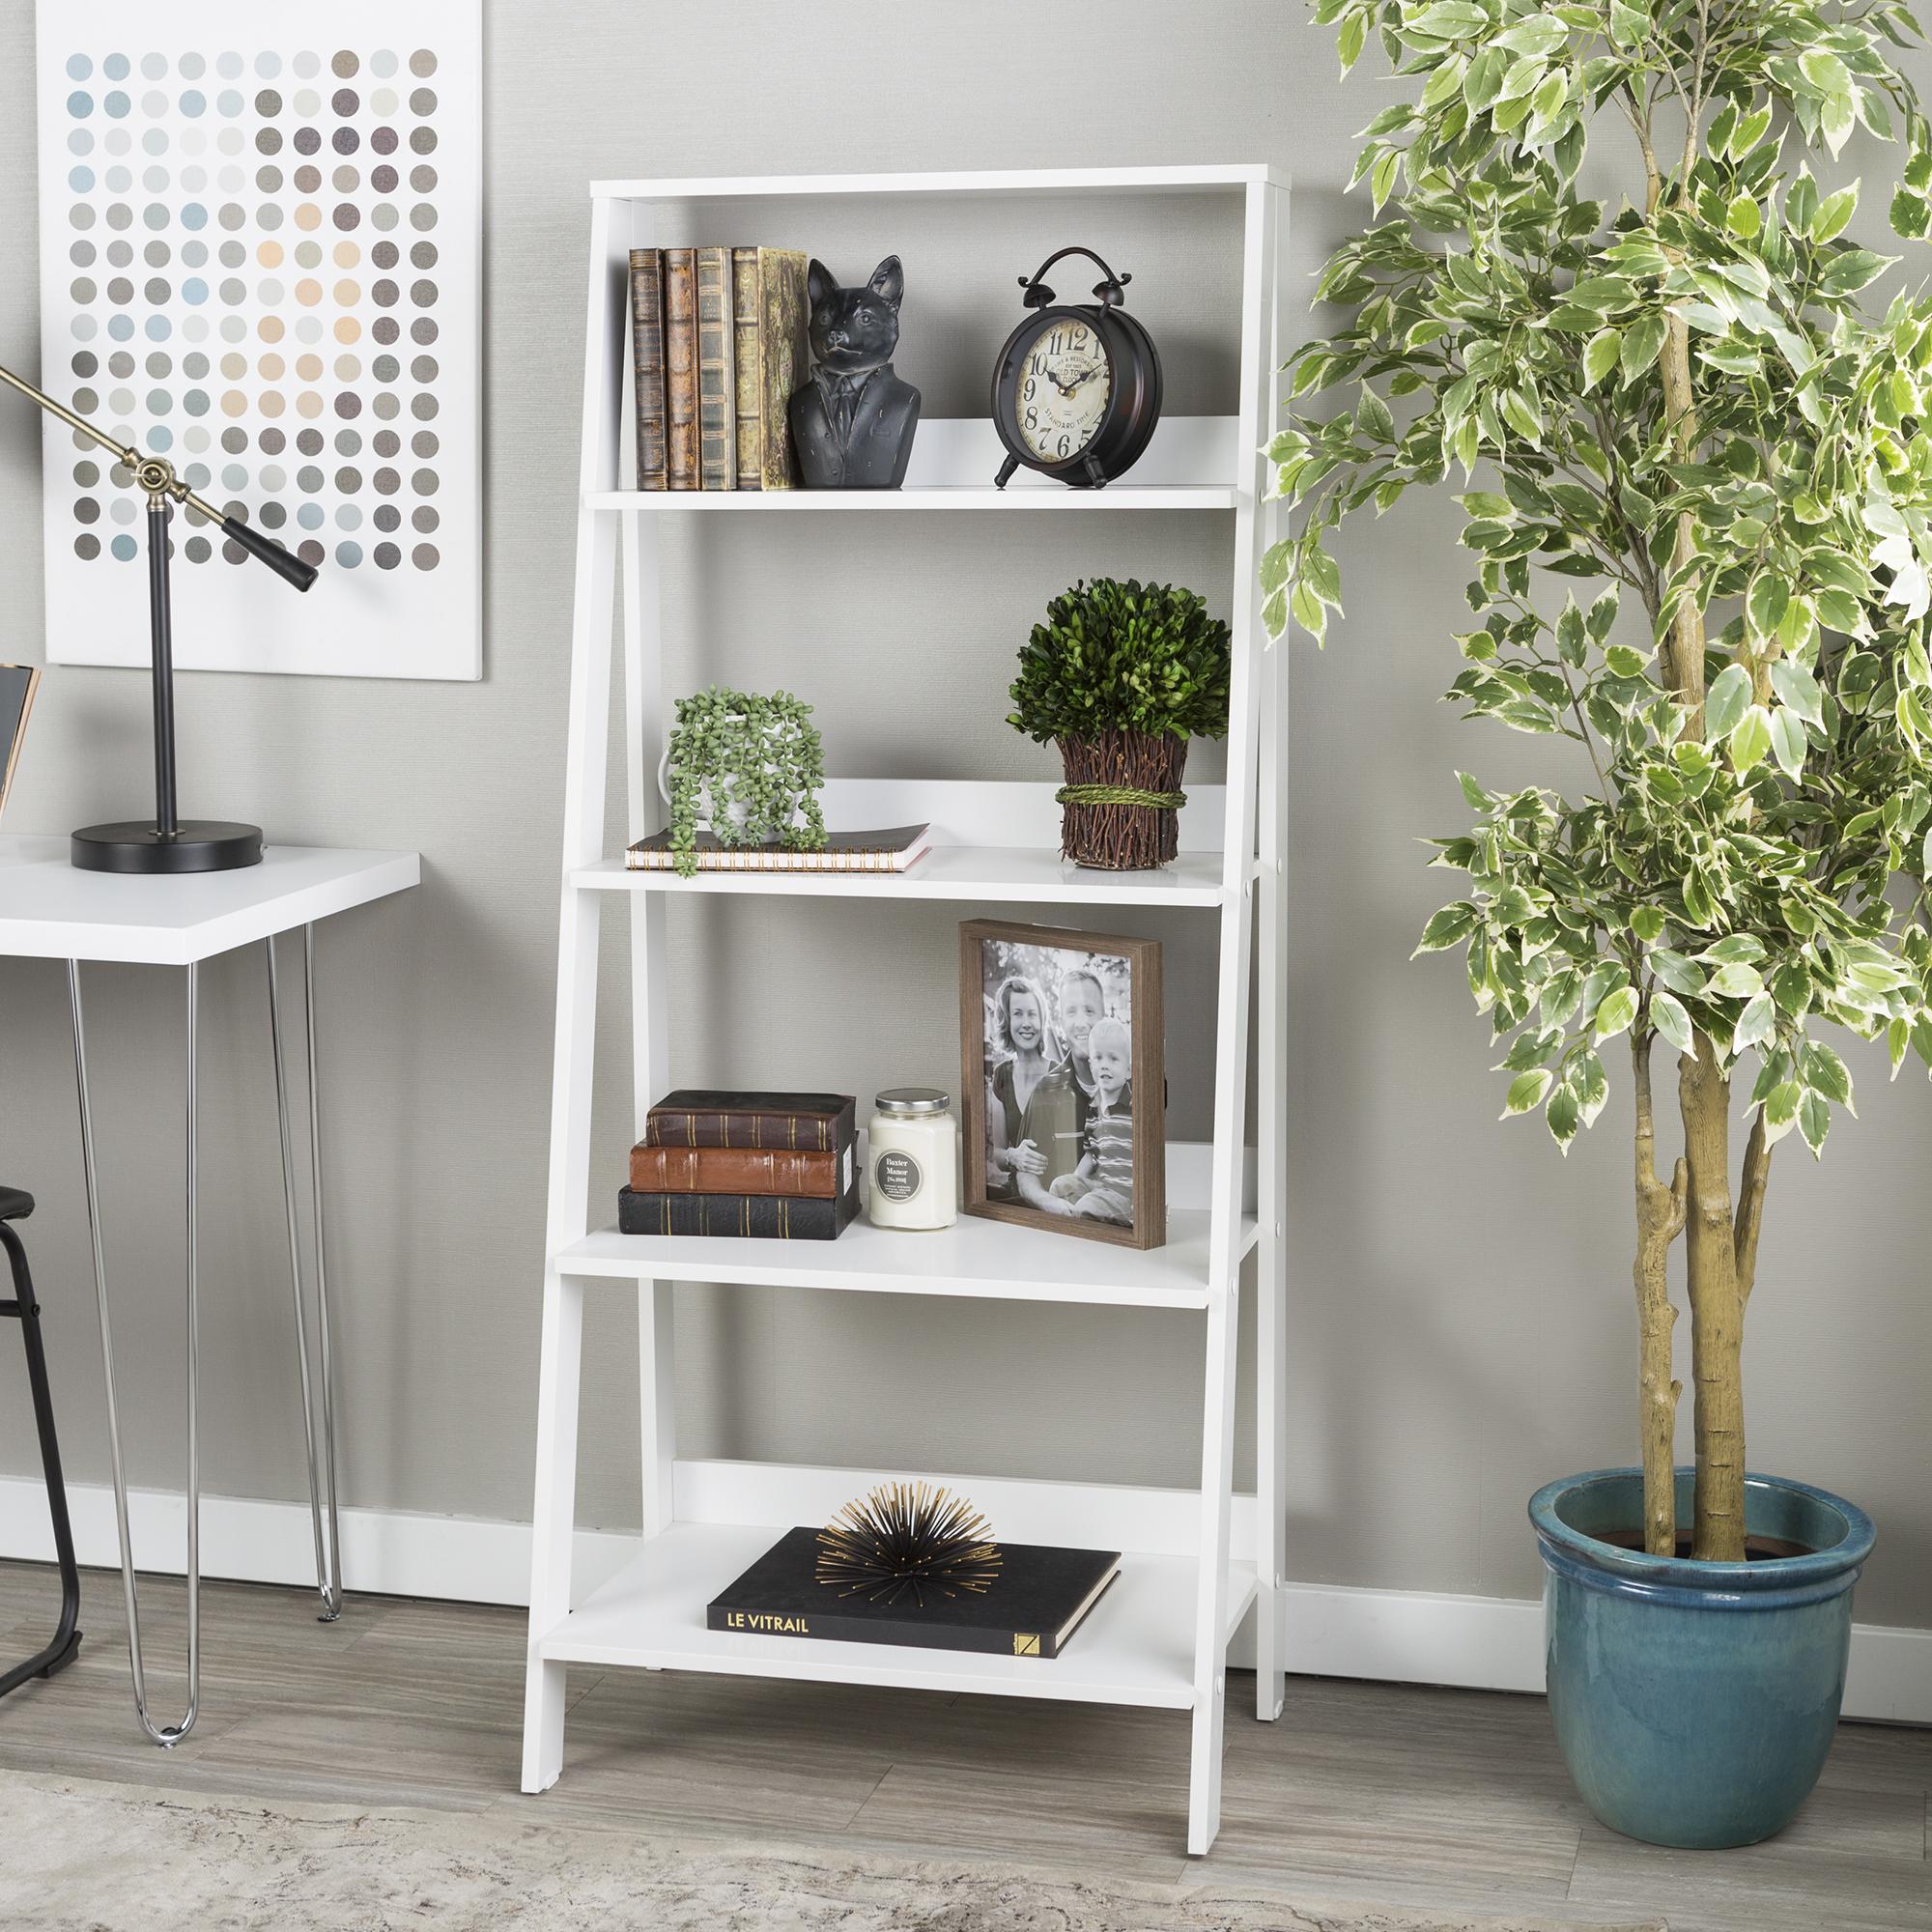 Manor Park 55 in. Wood Ladder Bookshelf - White